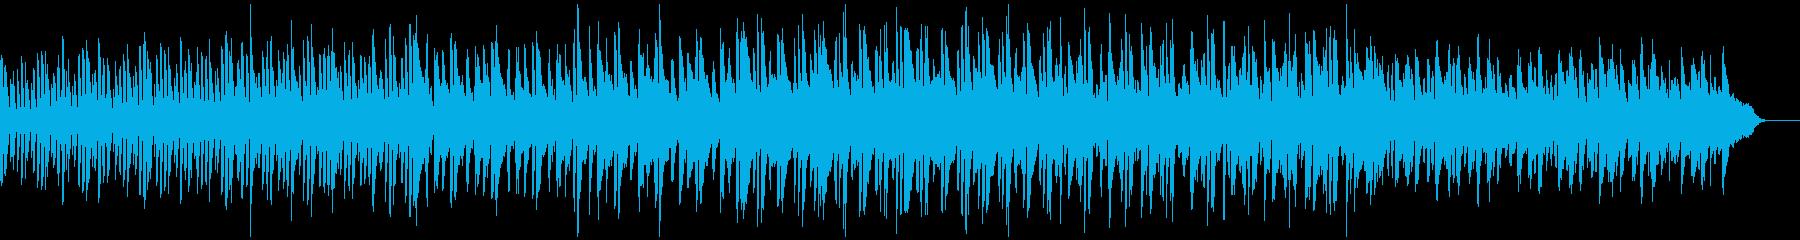 芸術/室内楽ミニマルミュージックの再生済みの波形